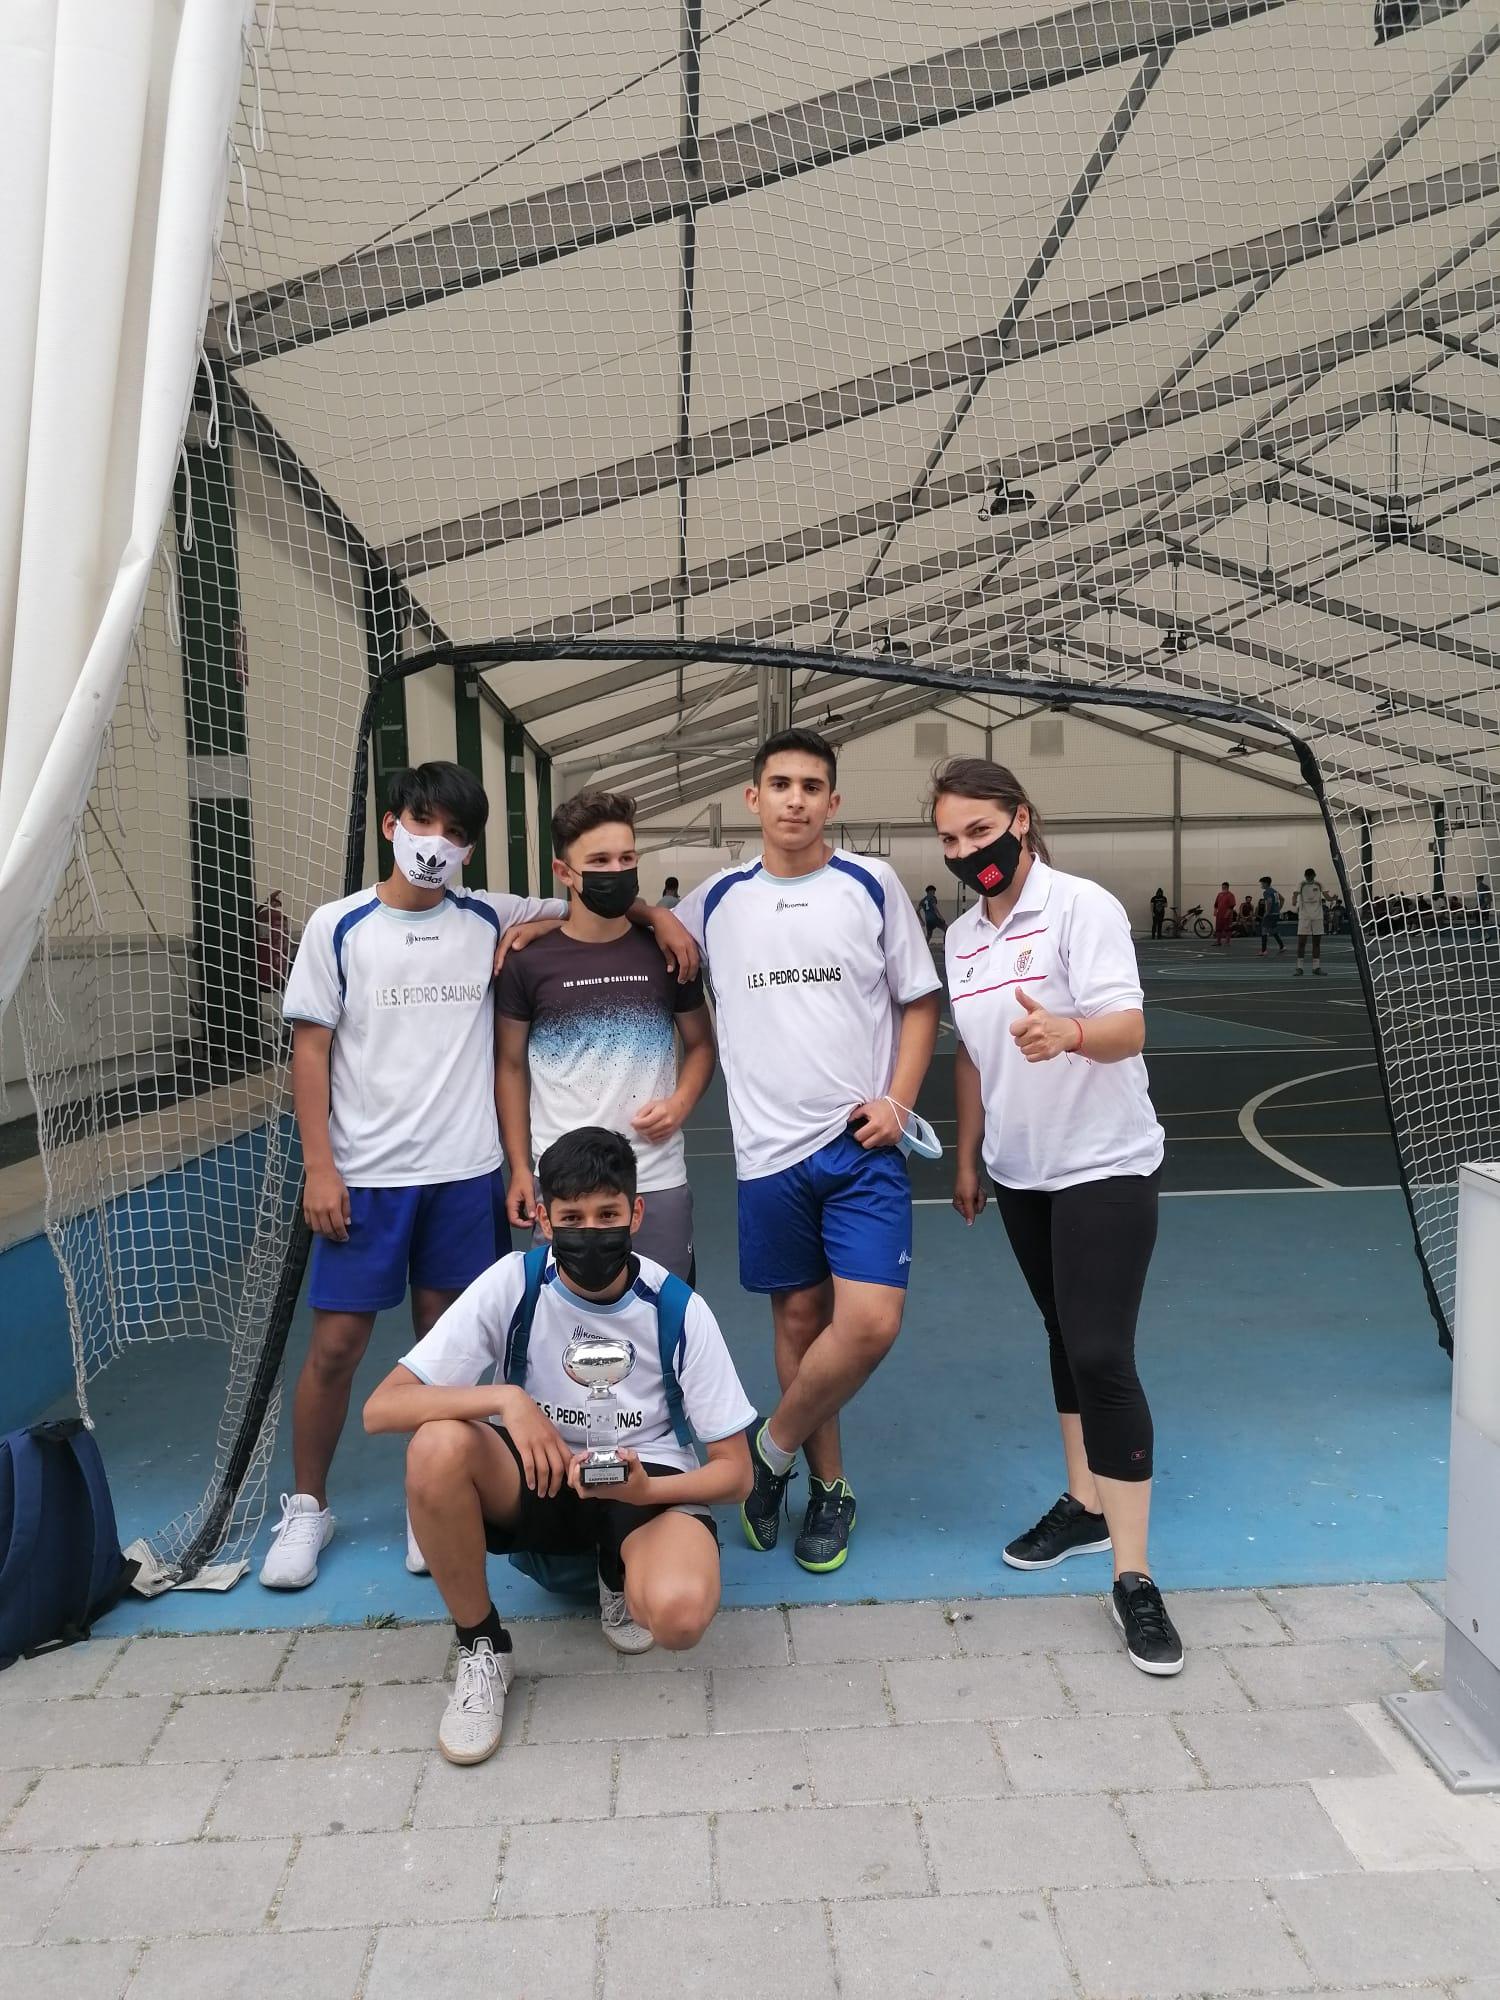 Imágenes del artículo: Campeones de Futbol-Sala